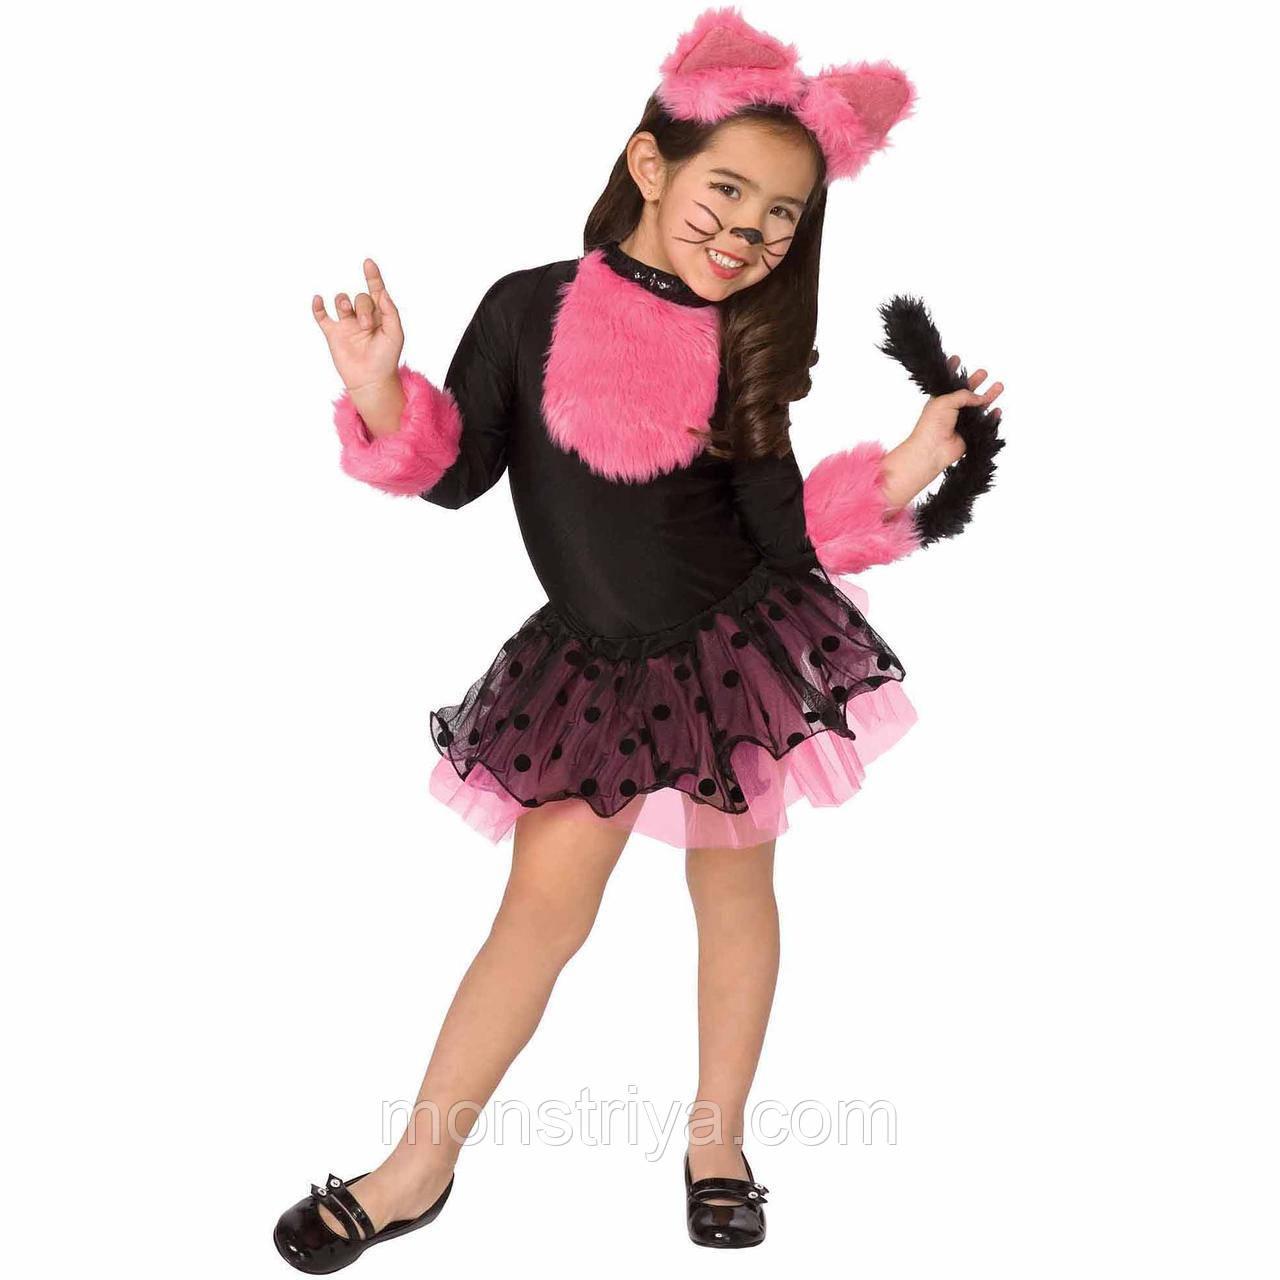 Карнавальный костюм на хэллоуин Кошечка